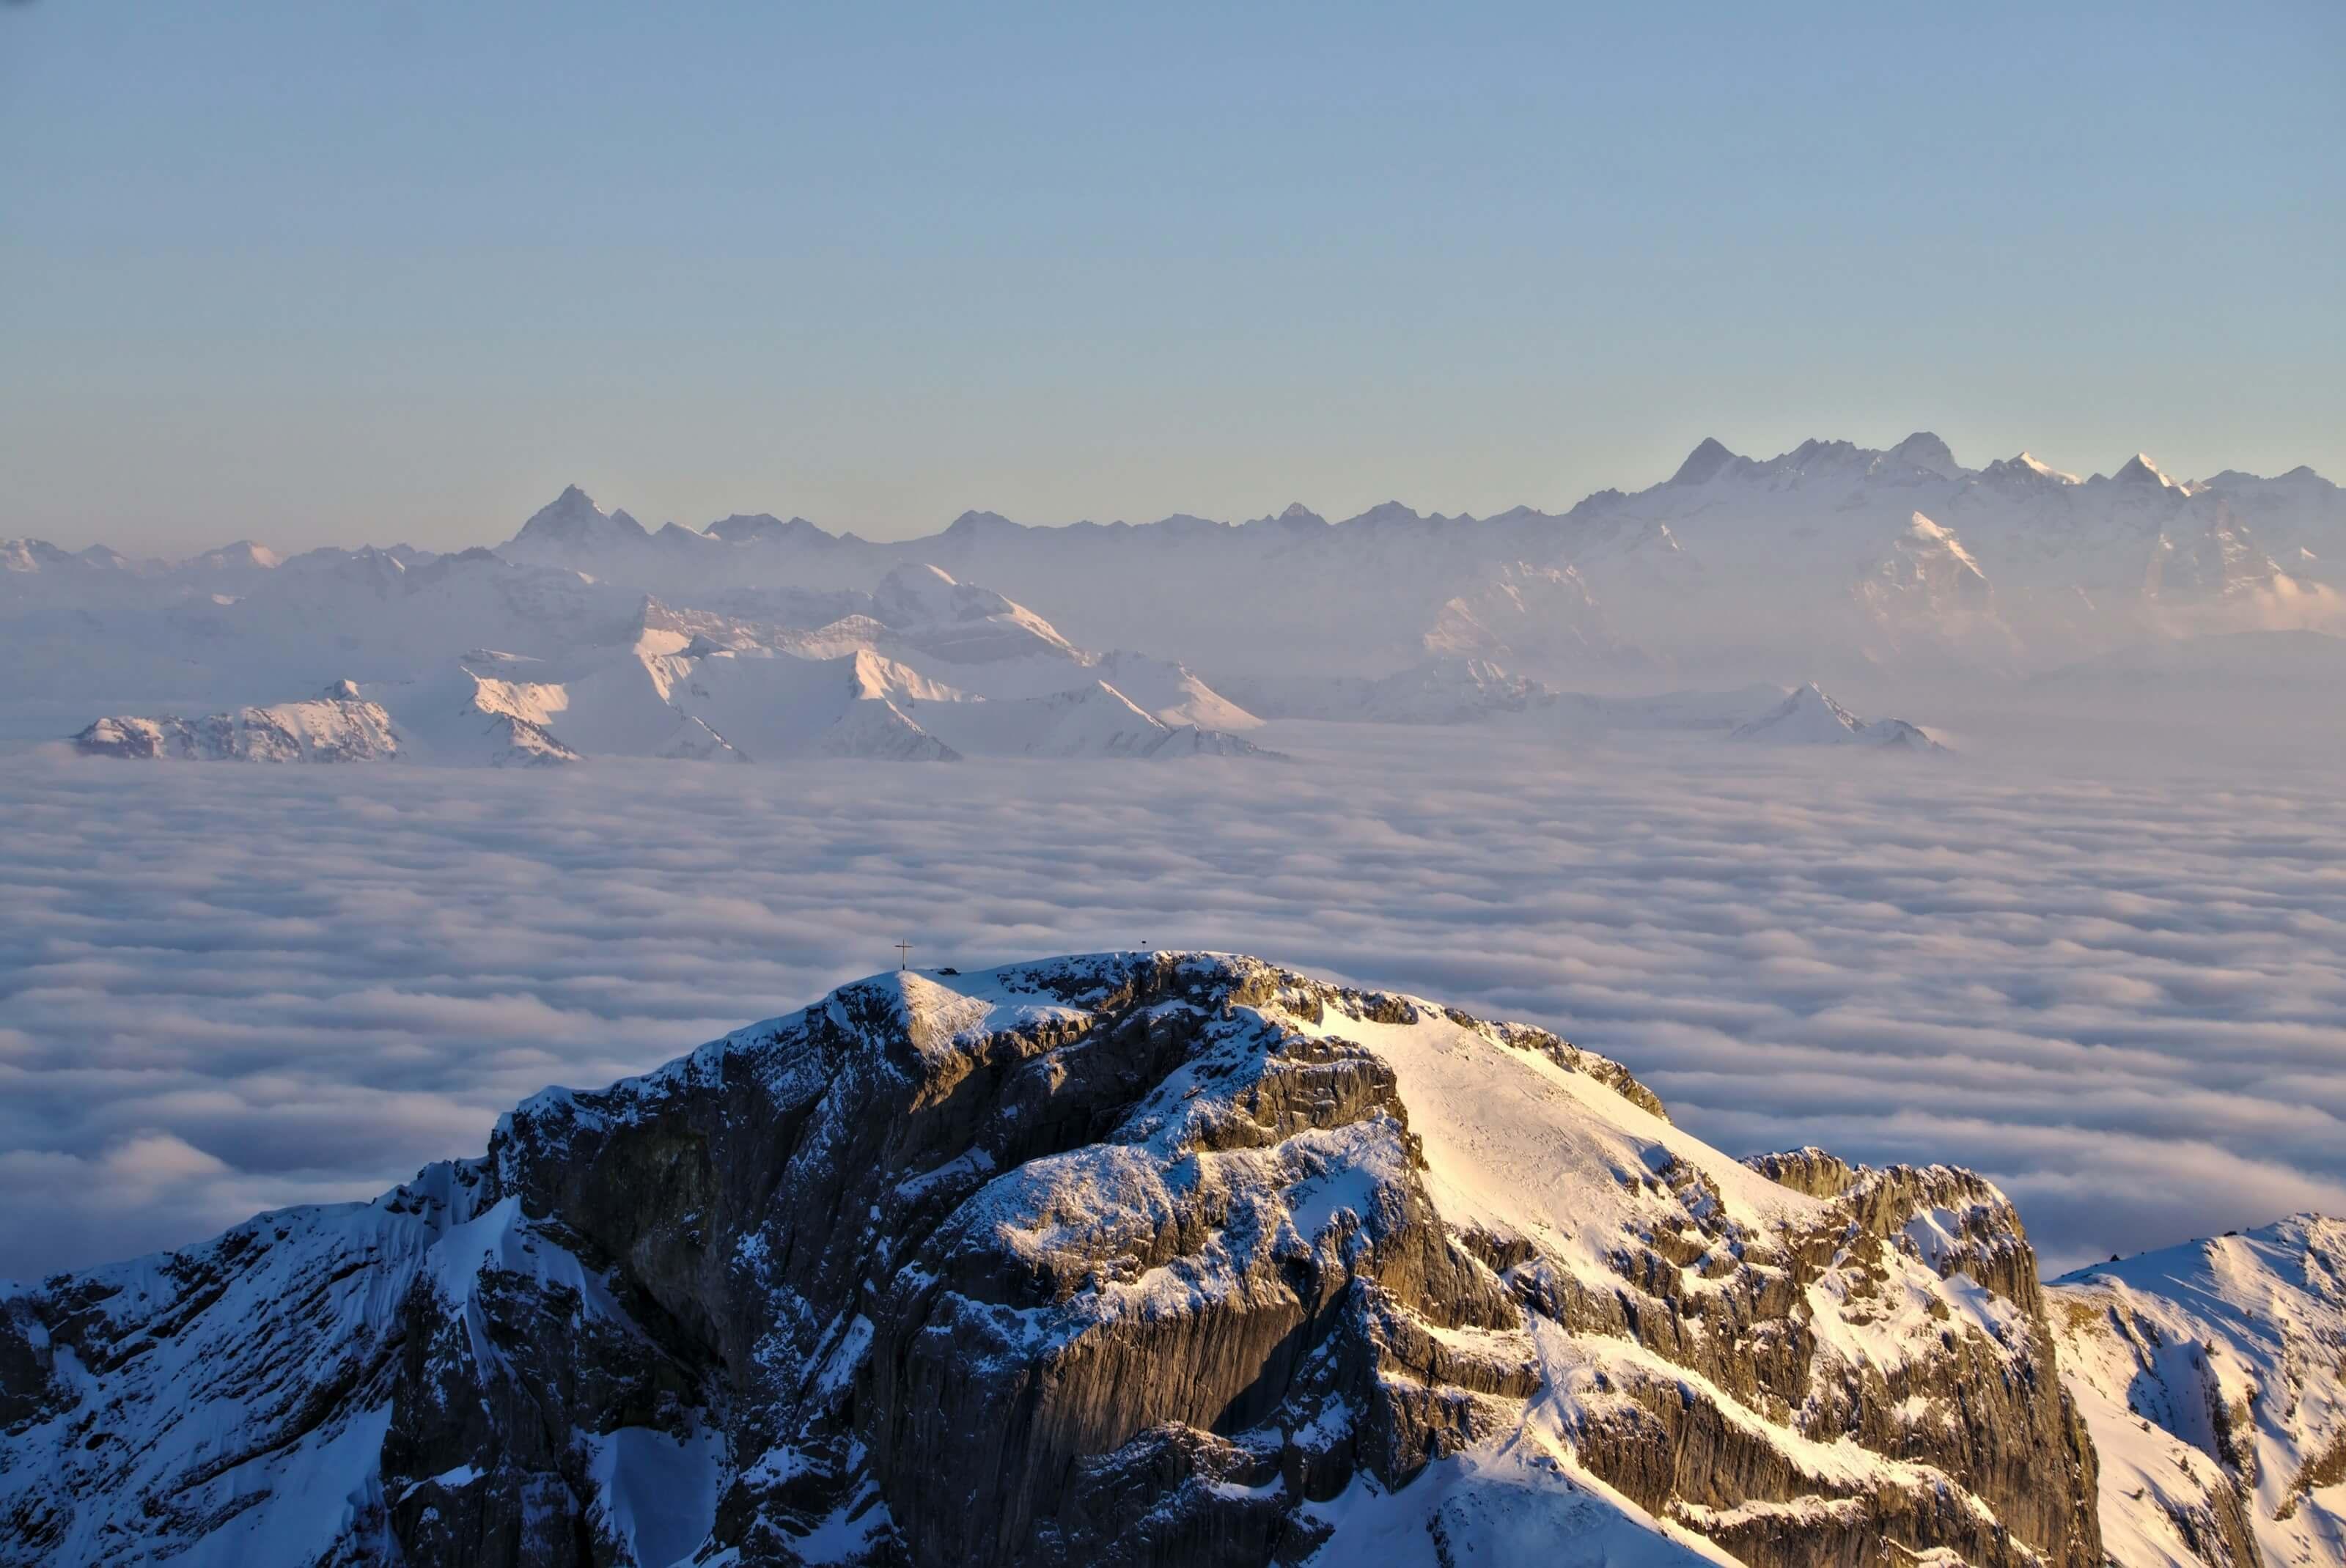 vue depuis le mont pilatus